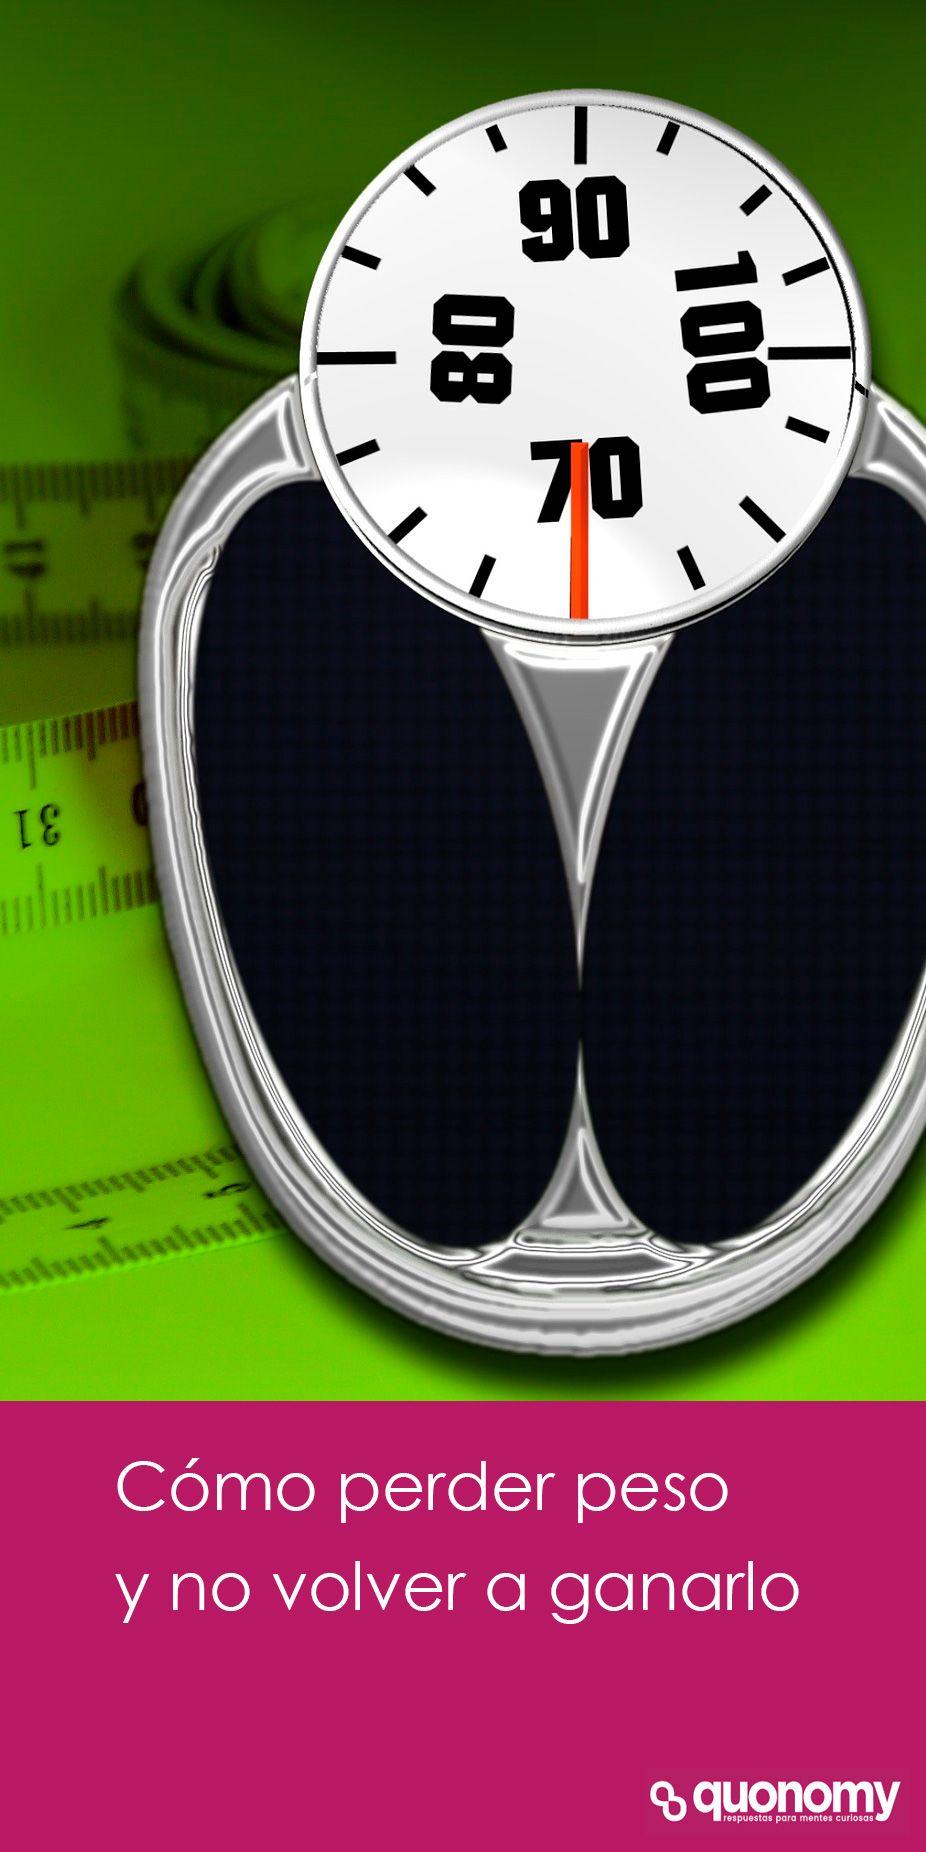 como perder peso y no volver a engordar